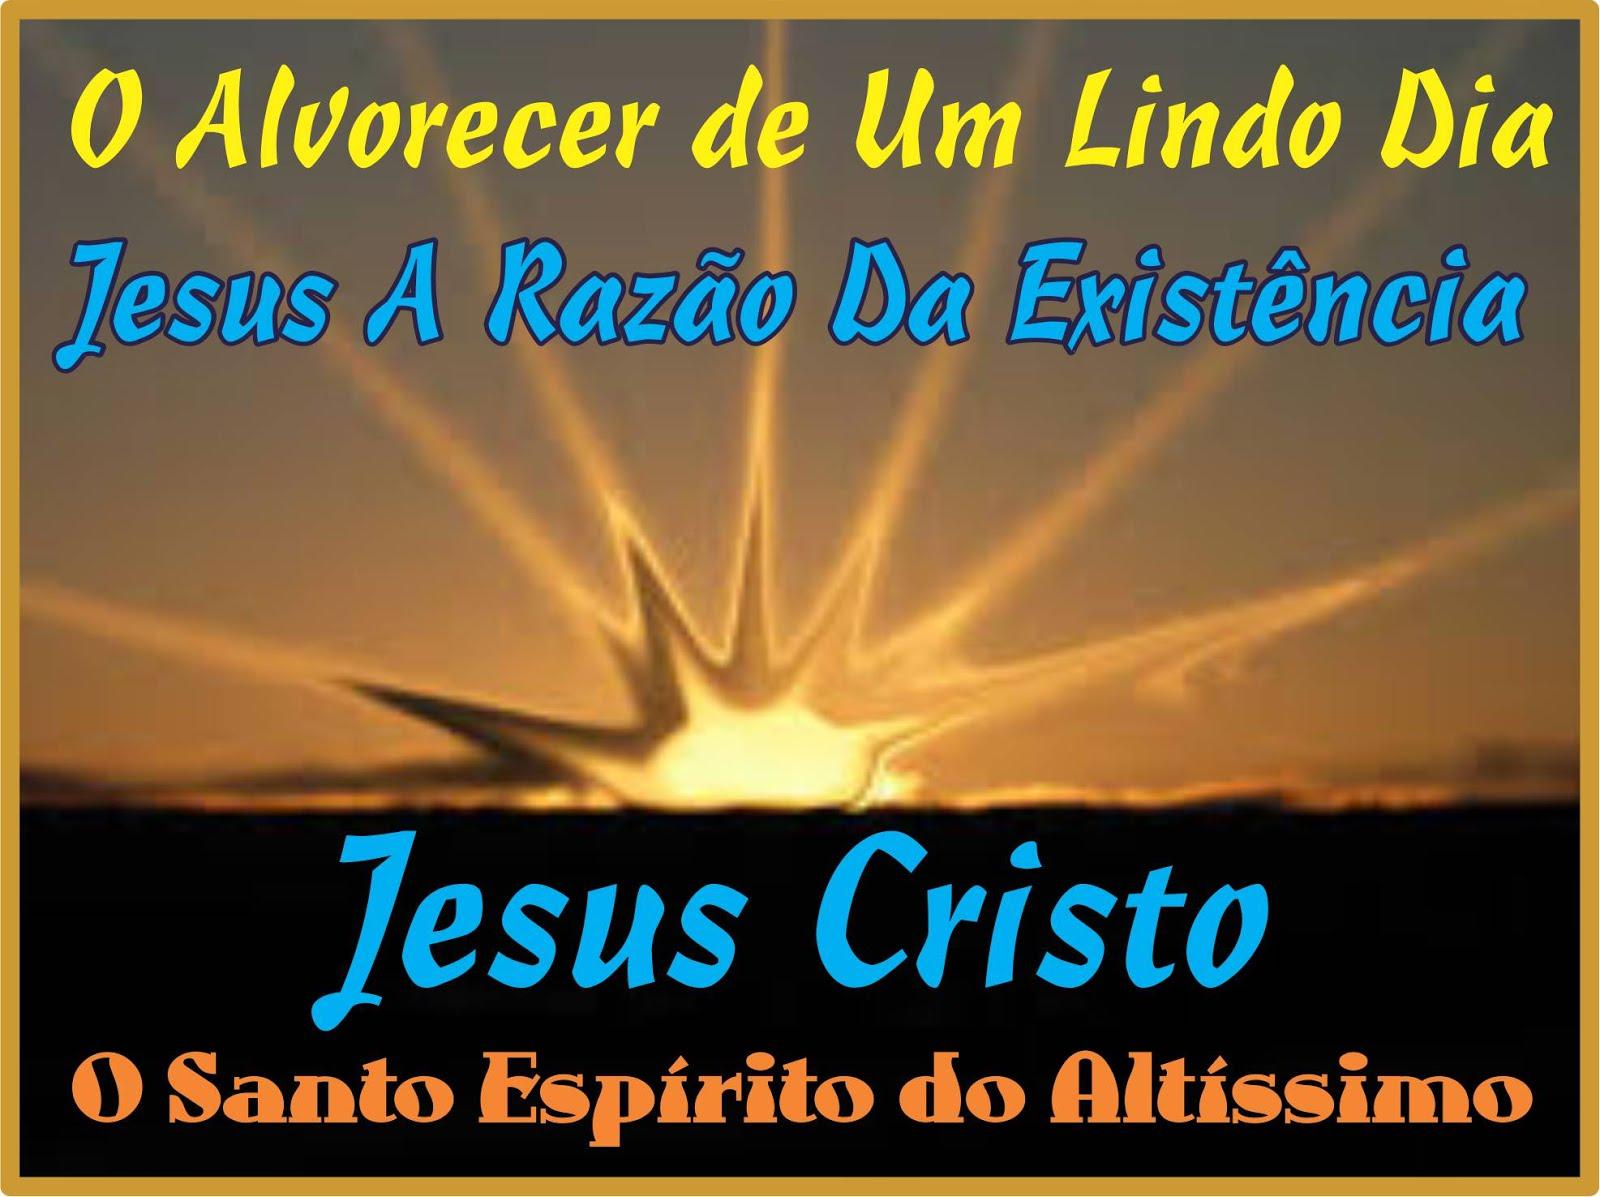 Jesus é A Razão da Existência e Nenhum Outro Nome nos foi dado Sómente Yeshua Jesus O Cristo do Alt